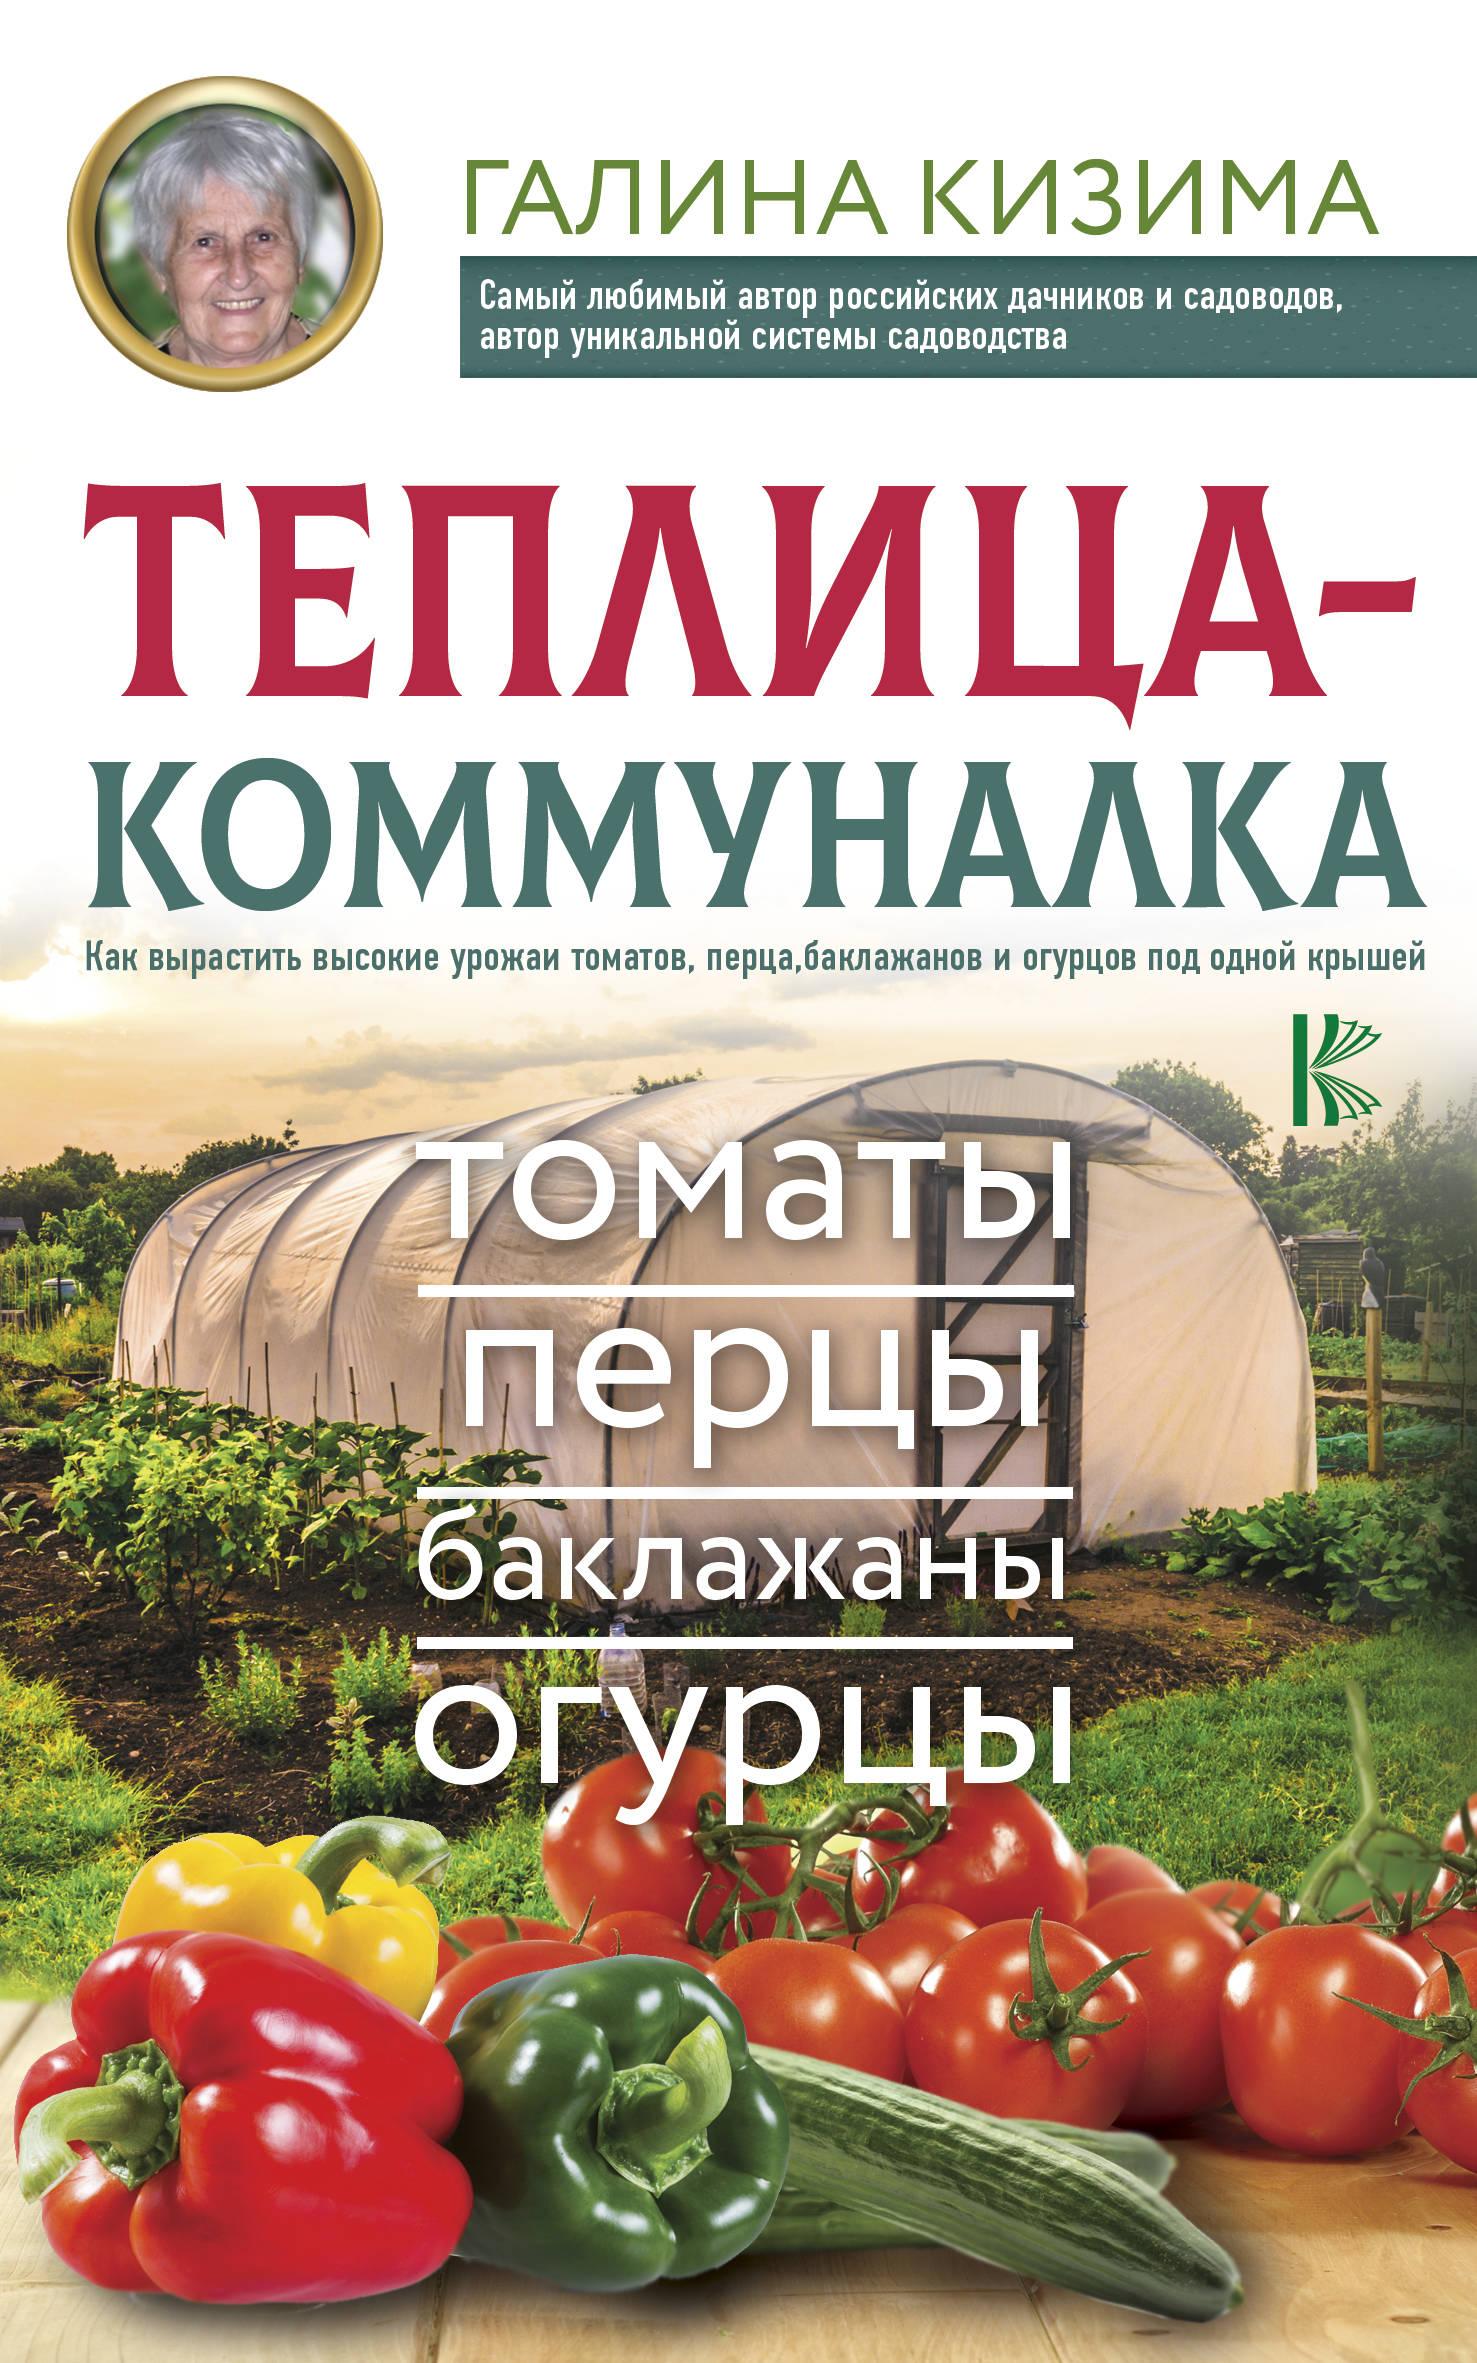 Кизима Галина Александровна Теплица-коммуналка. Как вырастить высокие урожаи томатов, перца, баклажанов и огурцов под одной крышей